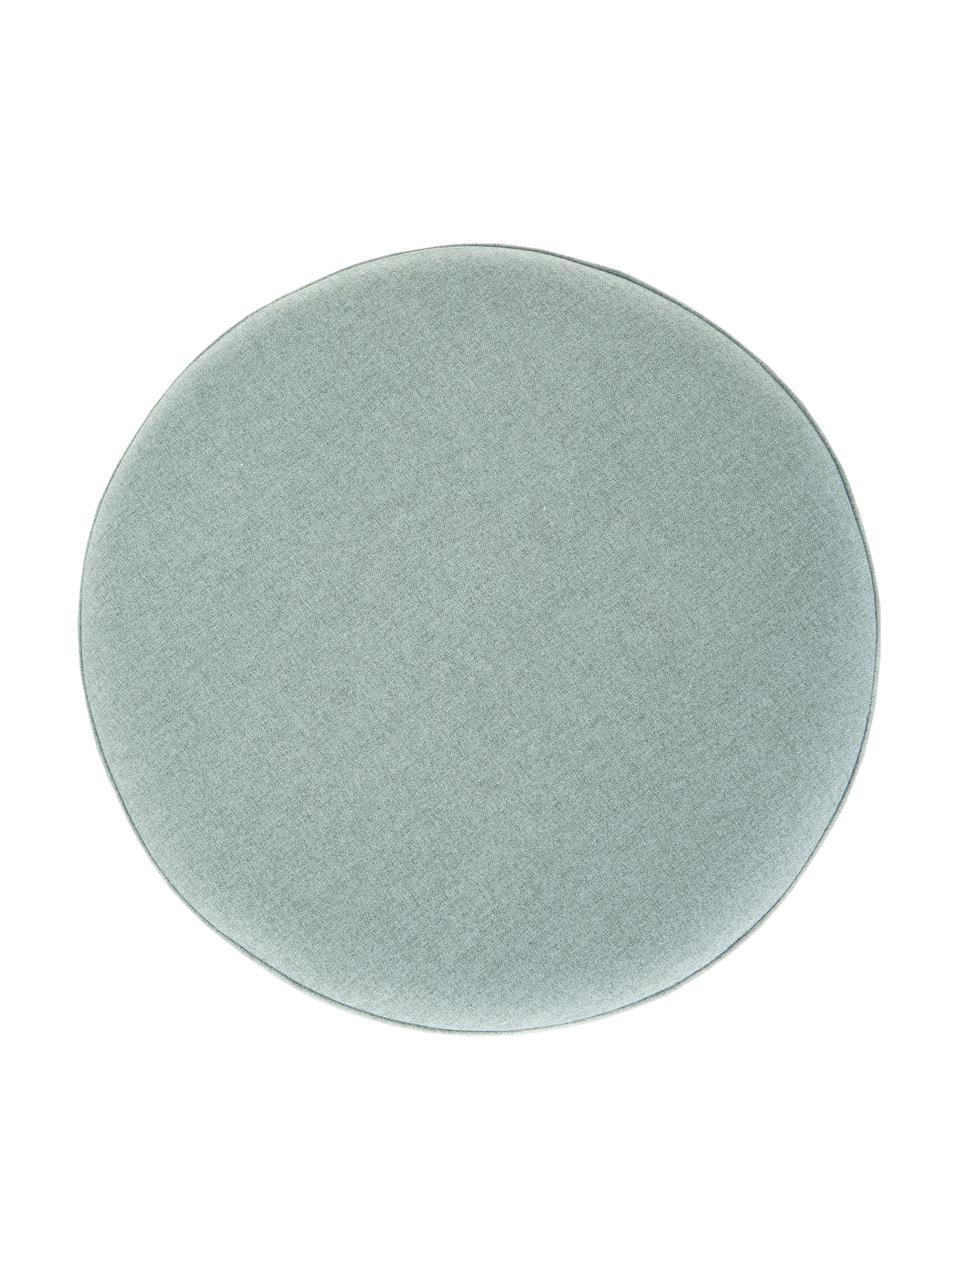 Kruk Daisy in blauwgroen, Bekleding: 100% polyester, Frame: multiplex, Blauw, Ø 38 x H 45 cm